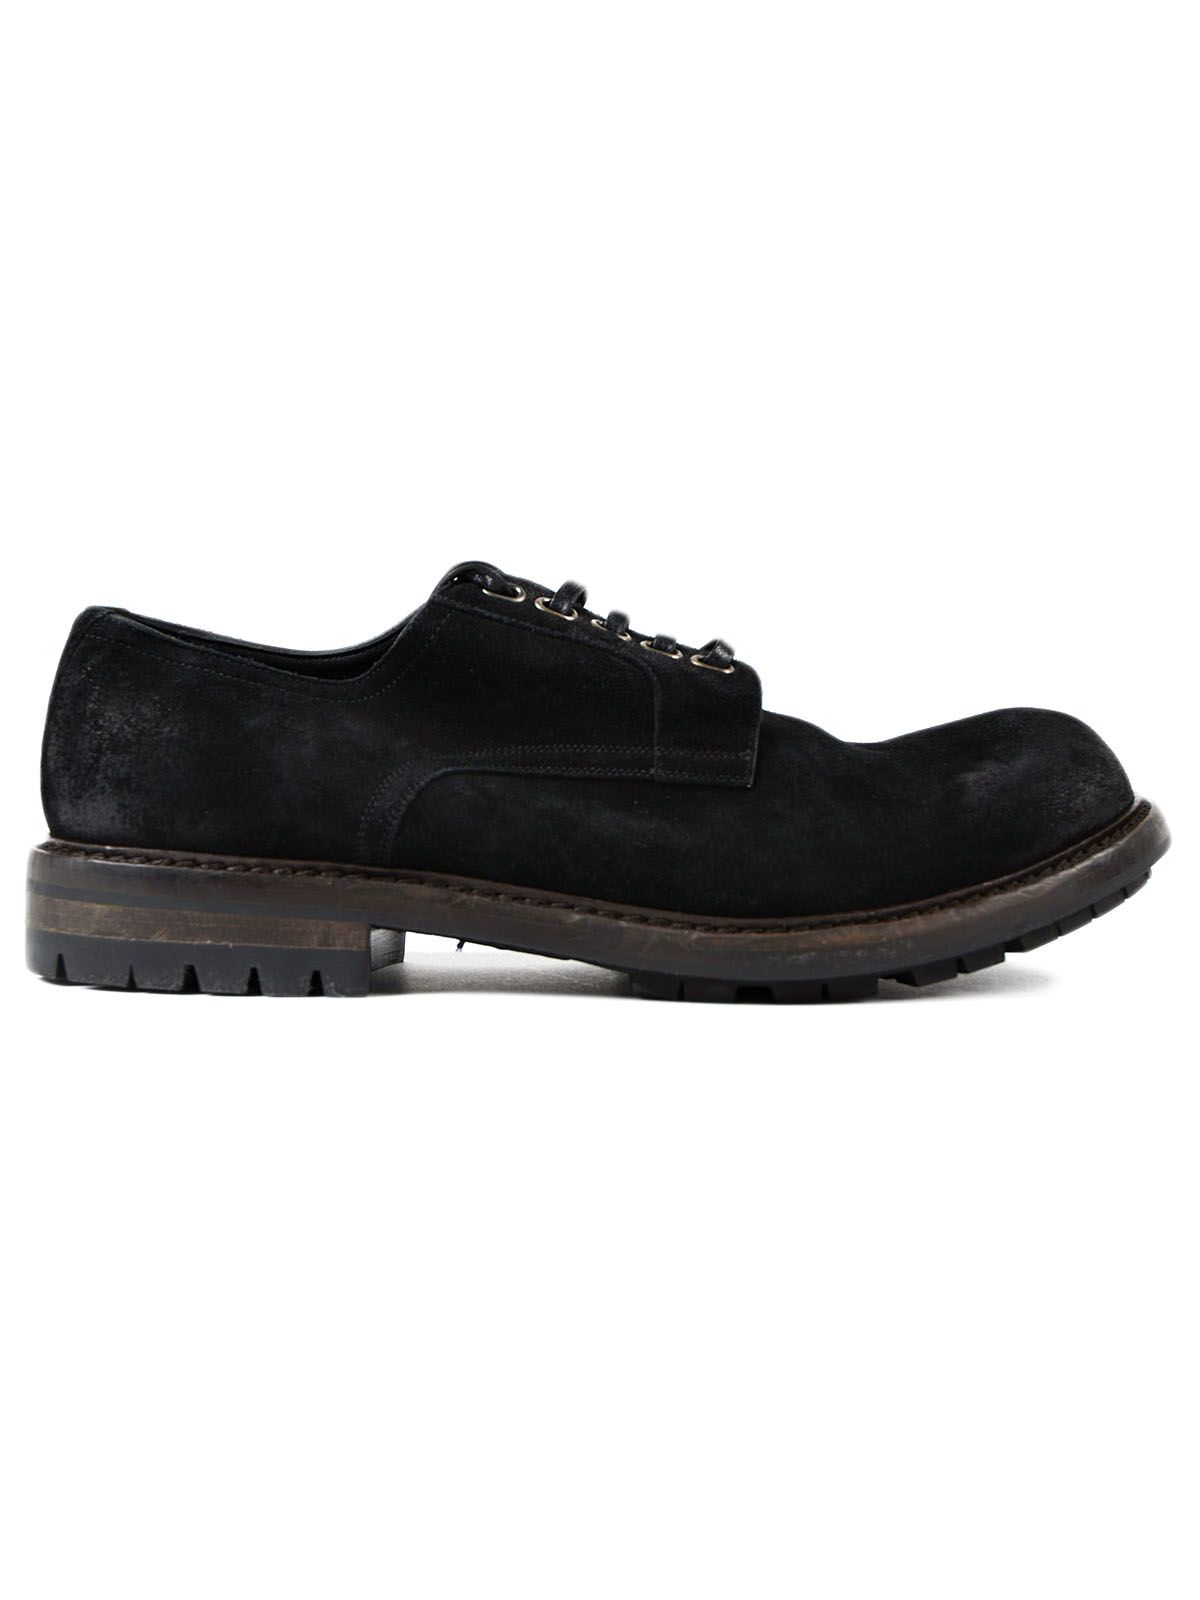 Dolce & Gabbana Dolce & Gabbana Crosta Stone Wash Derby Shoes